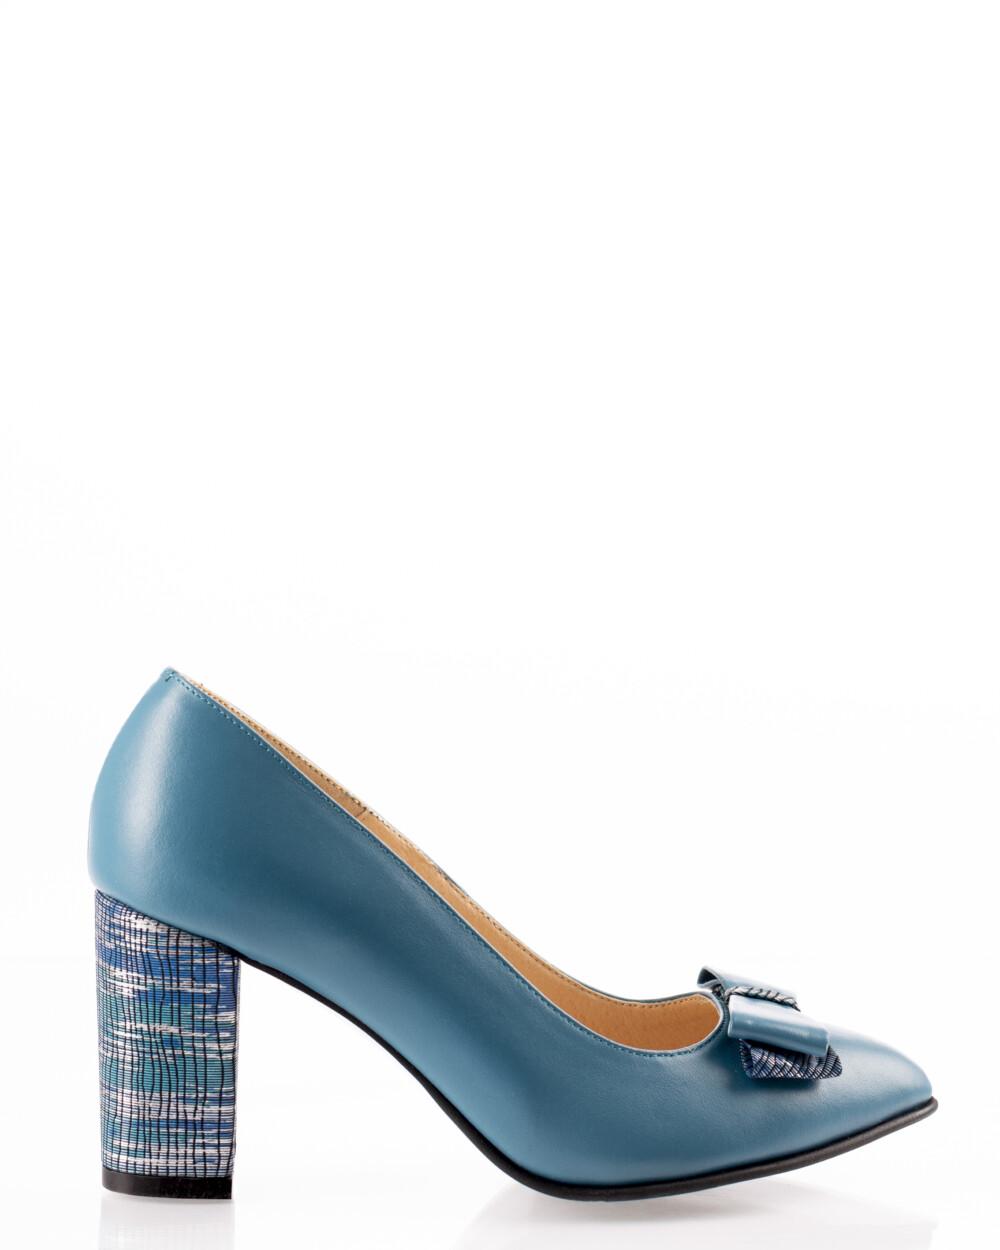 pantofi albaștri din piele naturală